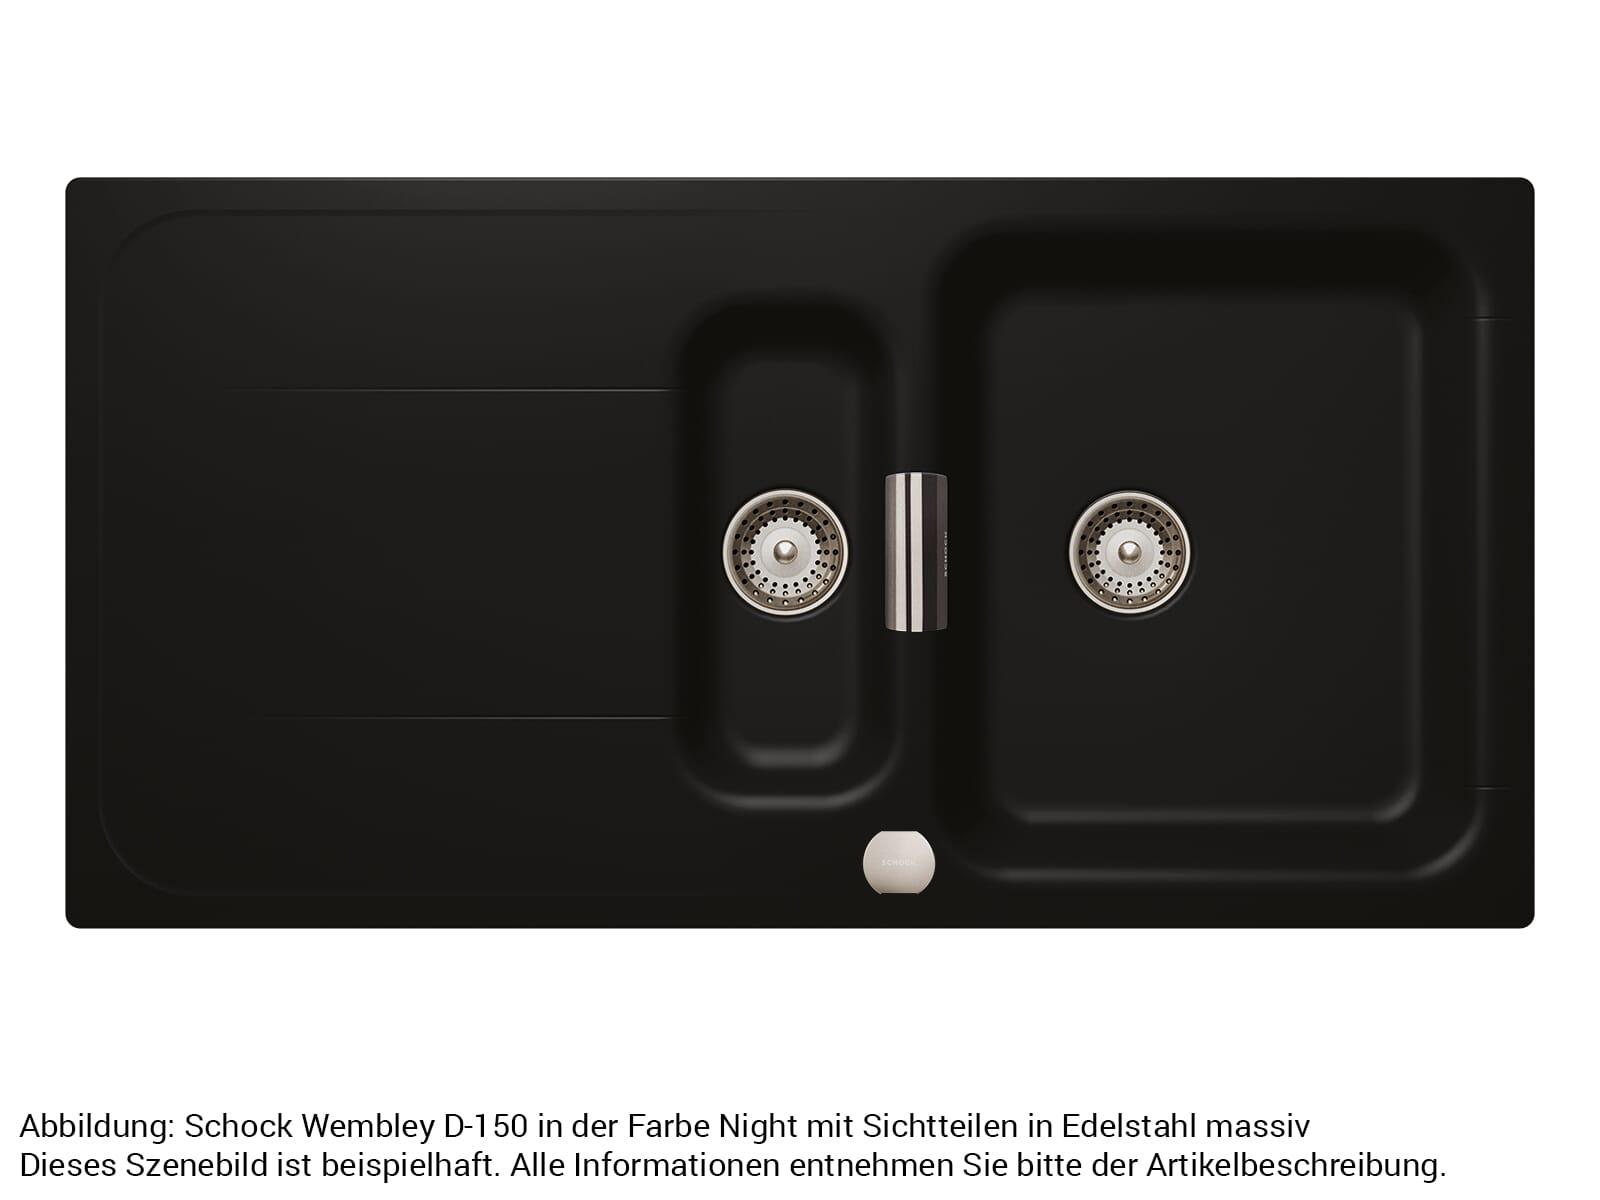 Schock 629618EDM - Sichtteile Edelstahl massiv